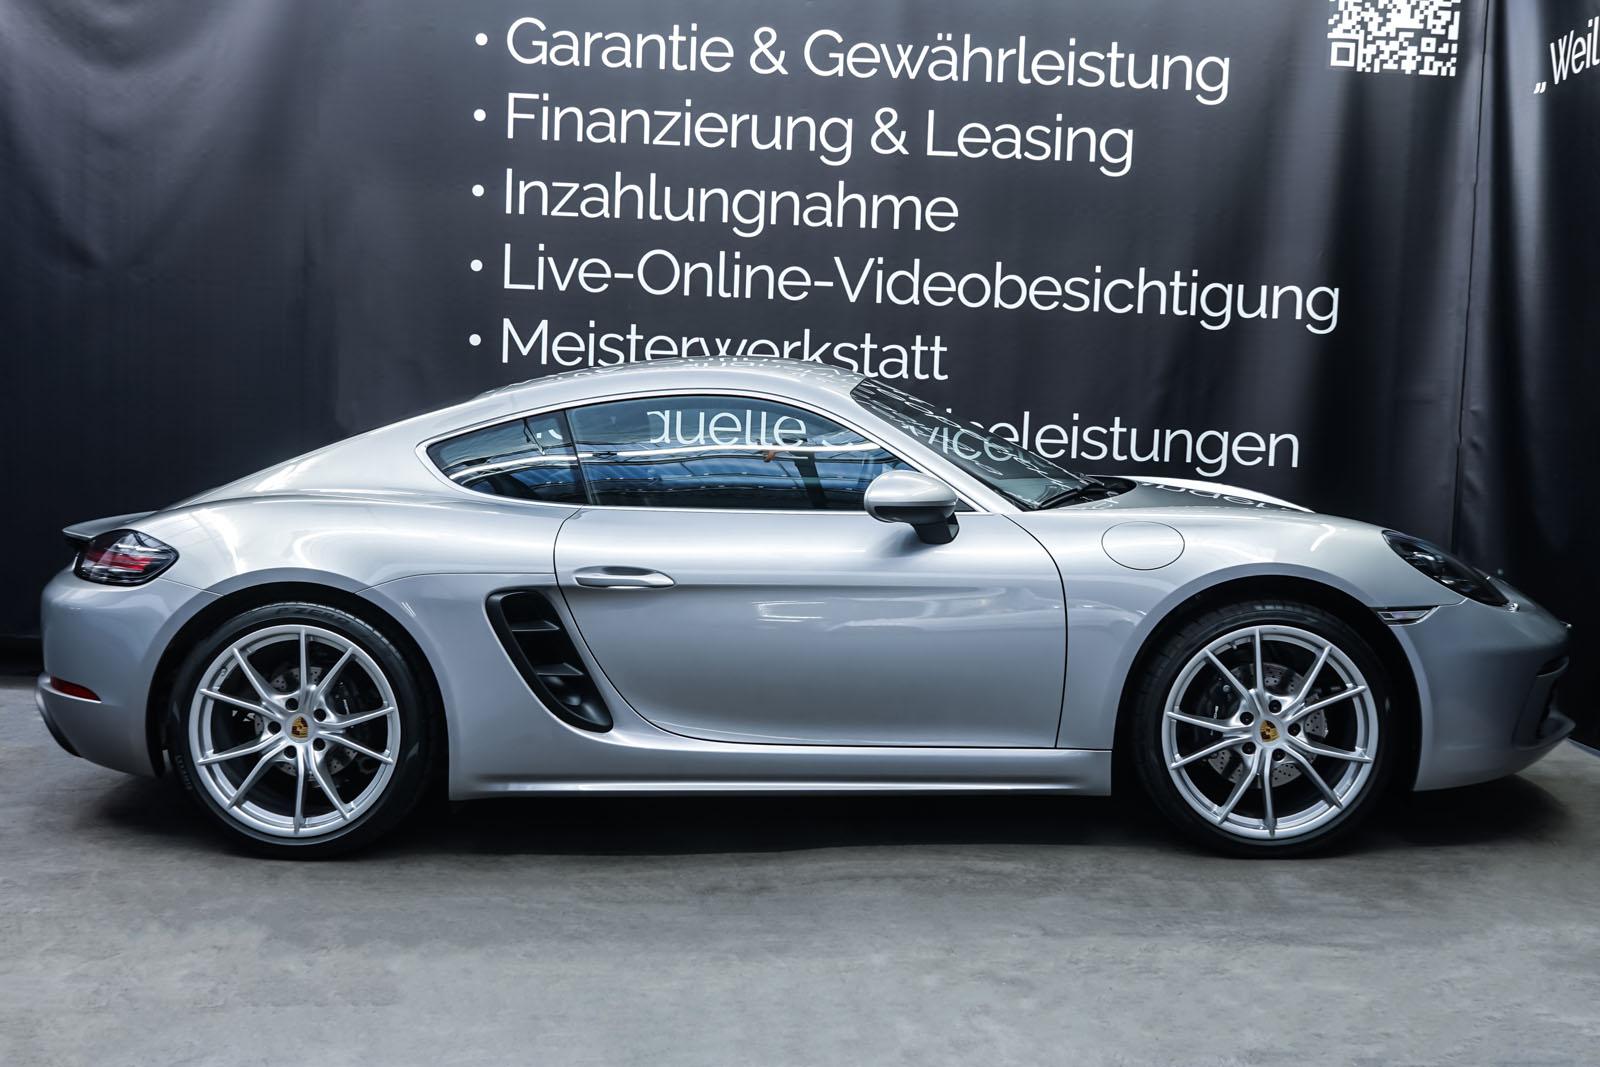 Porsche_718_Cayman_Silber_Schwarz_POR-0223_14_w